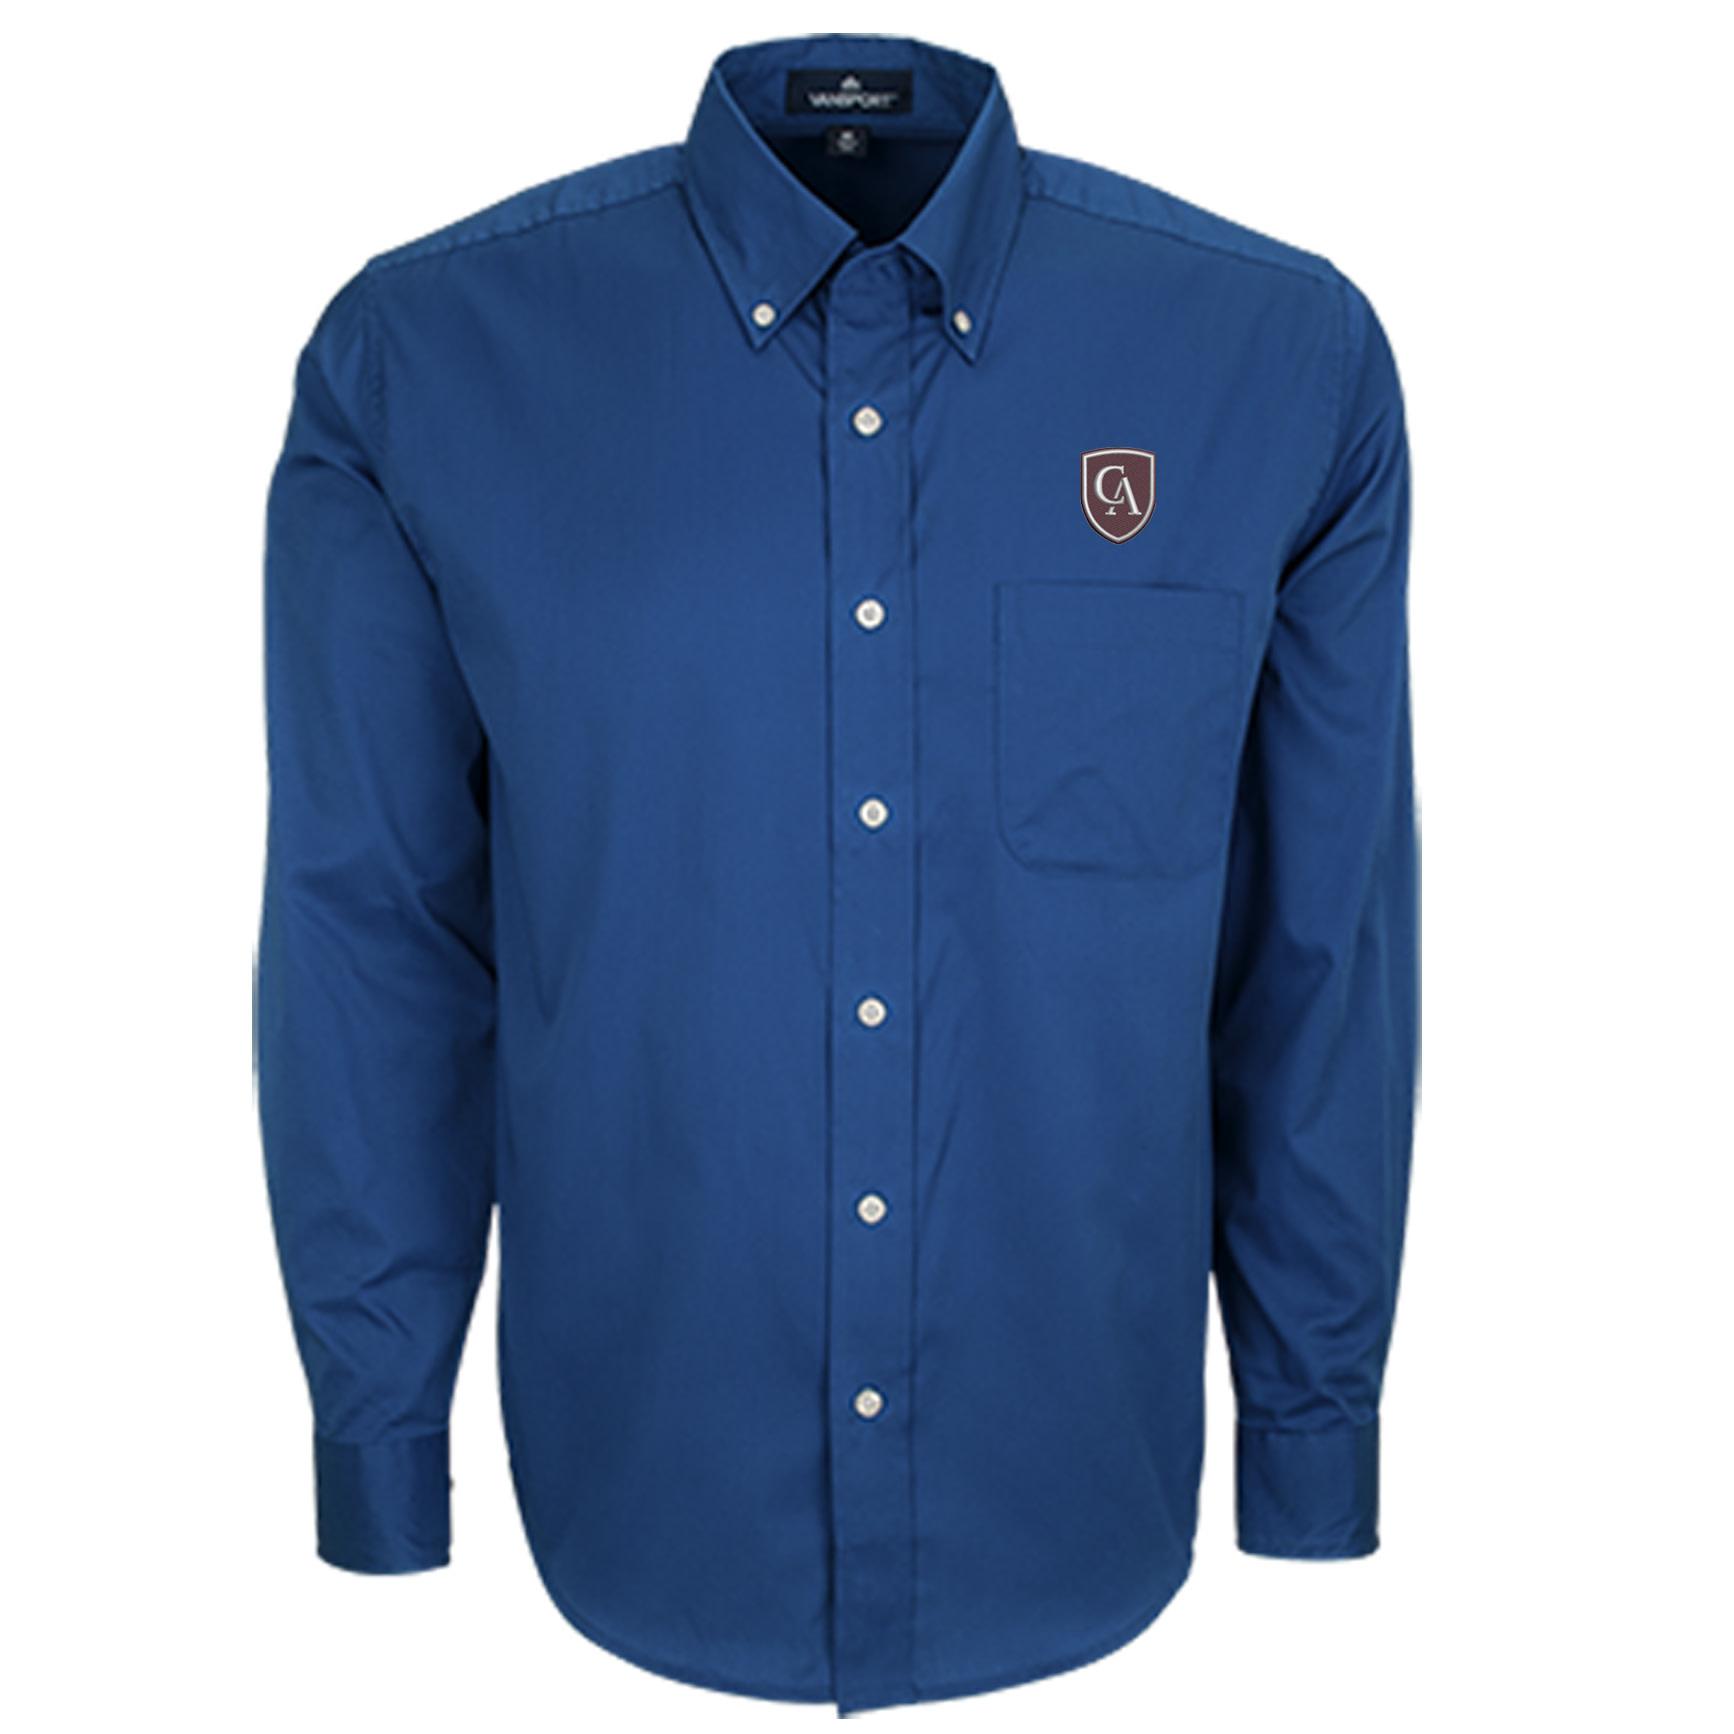 Vansport Men's Wicked Woven shirt #1205